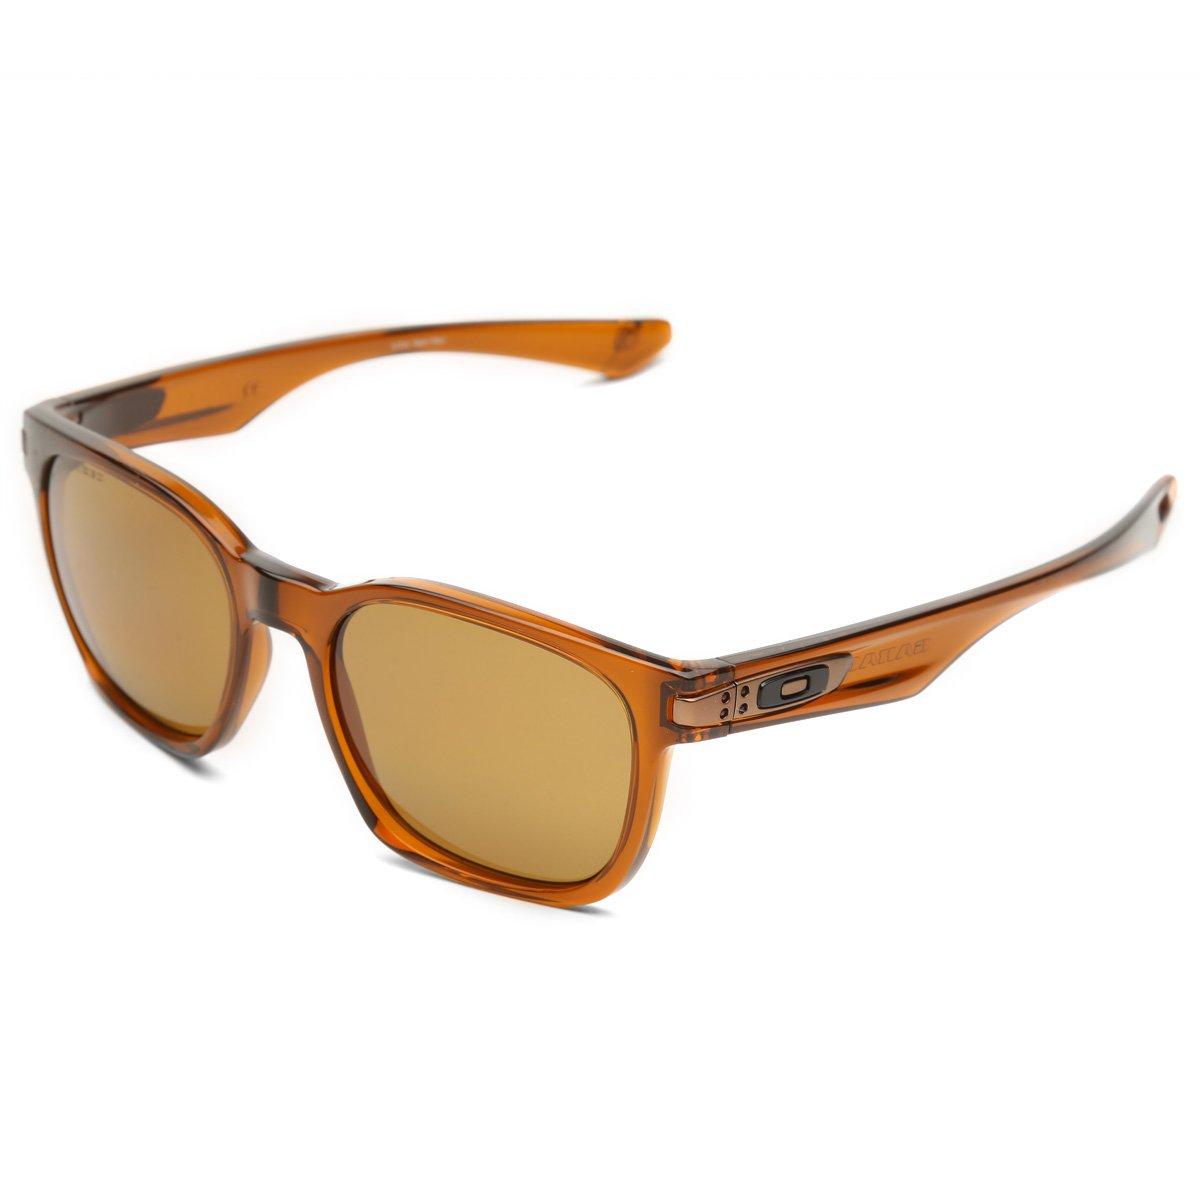 a0721596fbda9 Óculos Oakley Garage Rock - Compre Agora